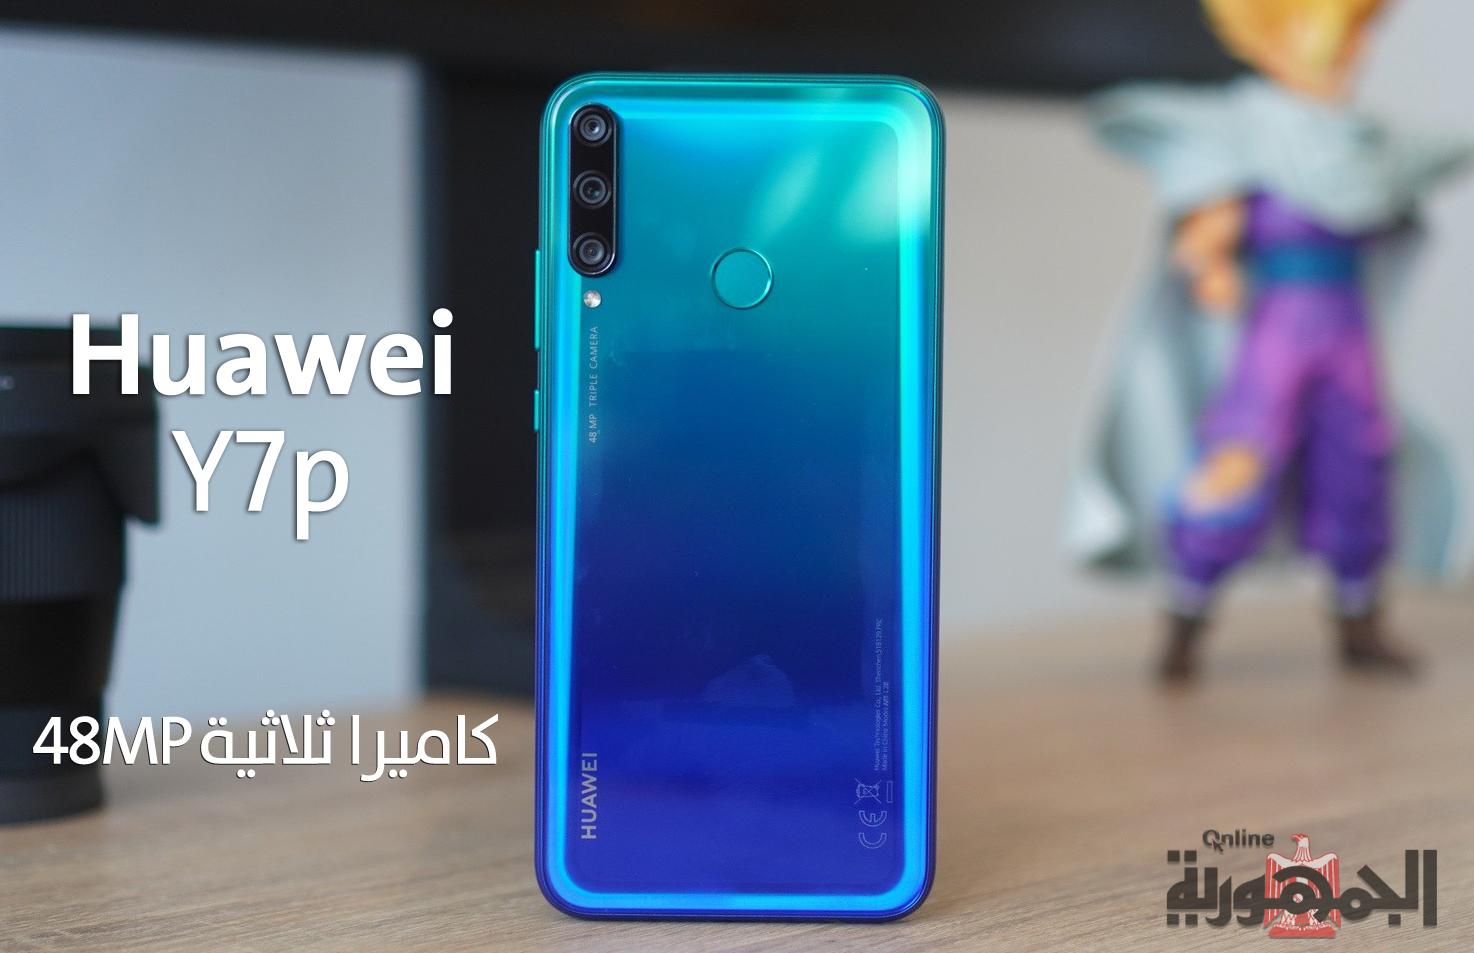 Huawei Y7p أول هاتف من هواوي بدون خدمات جوجل